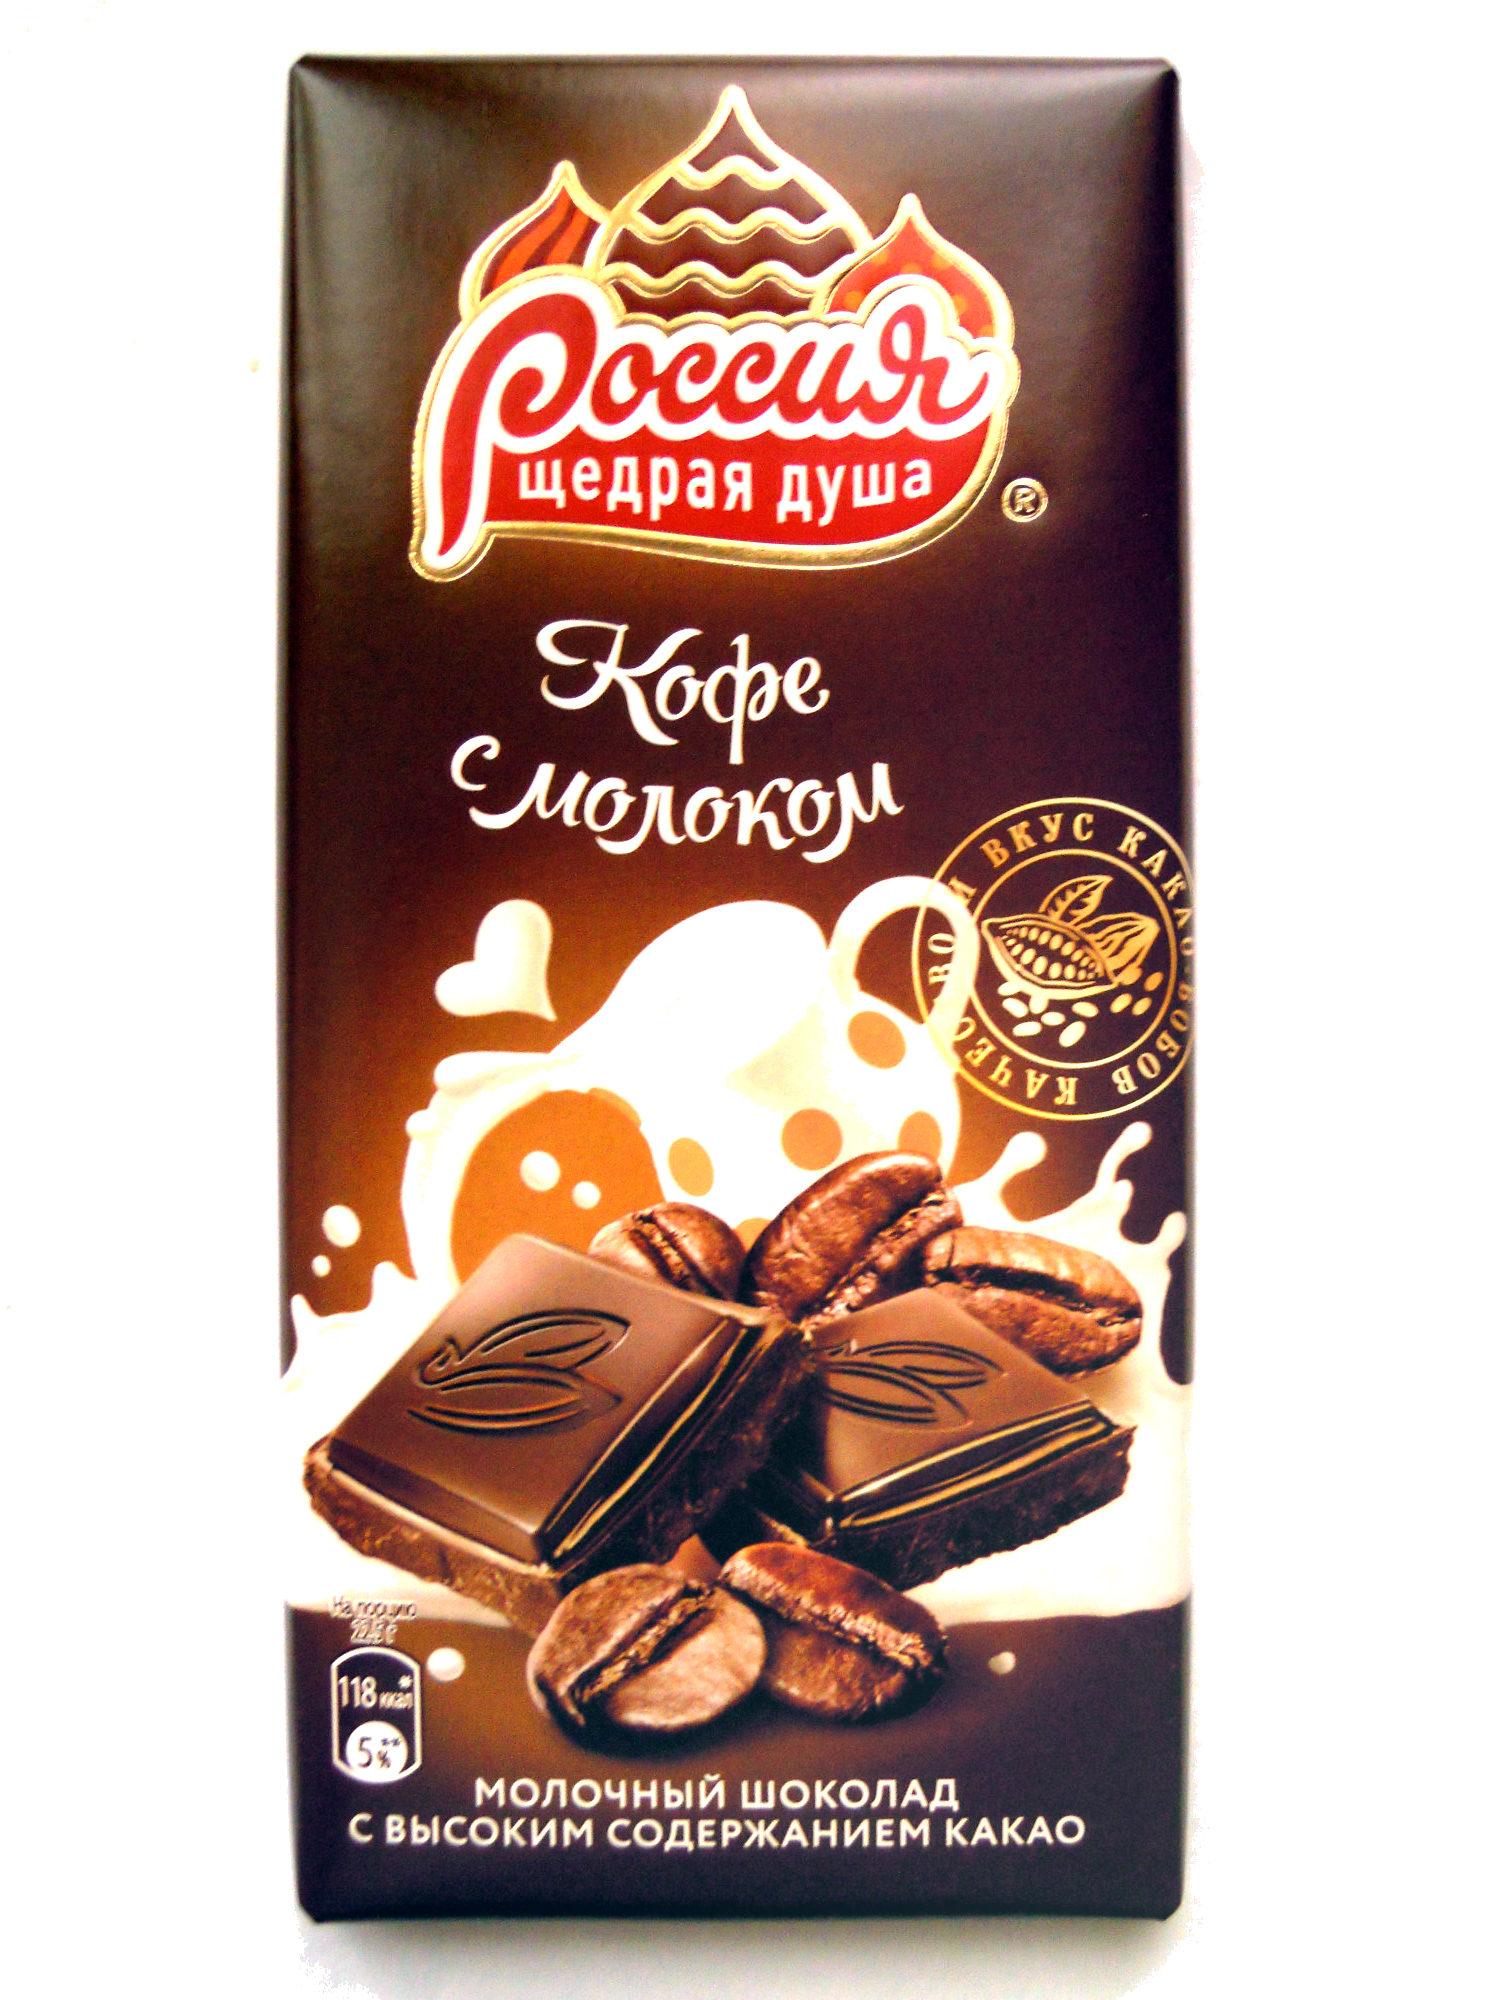 Кофе с молоком - Produit - ru